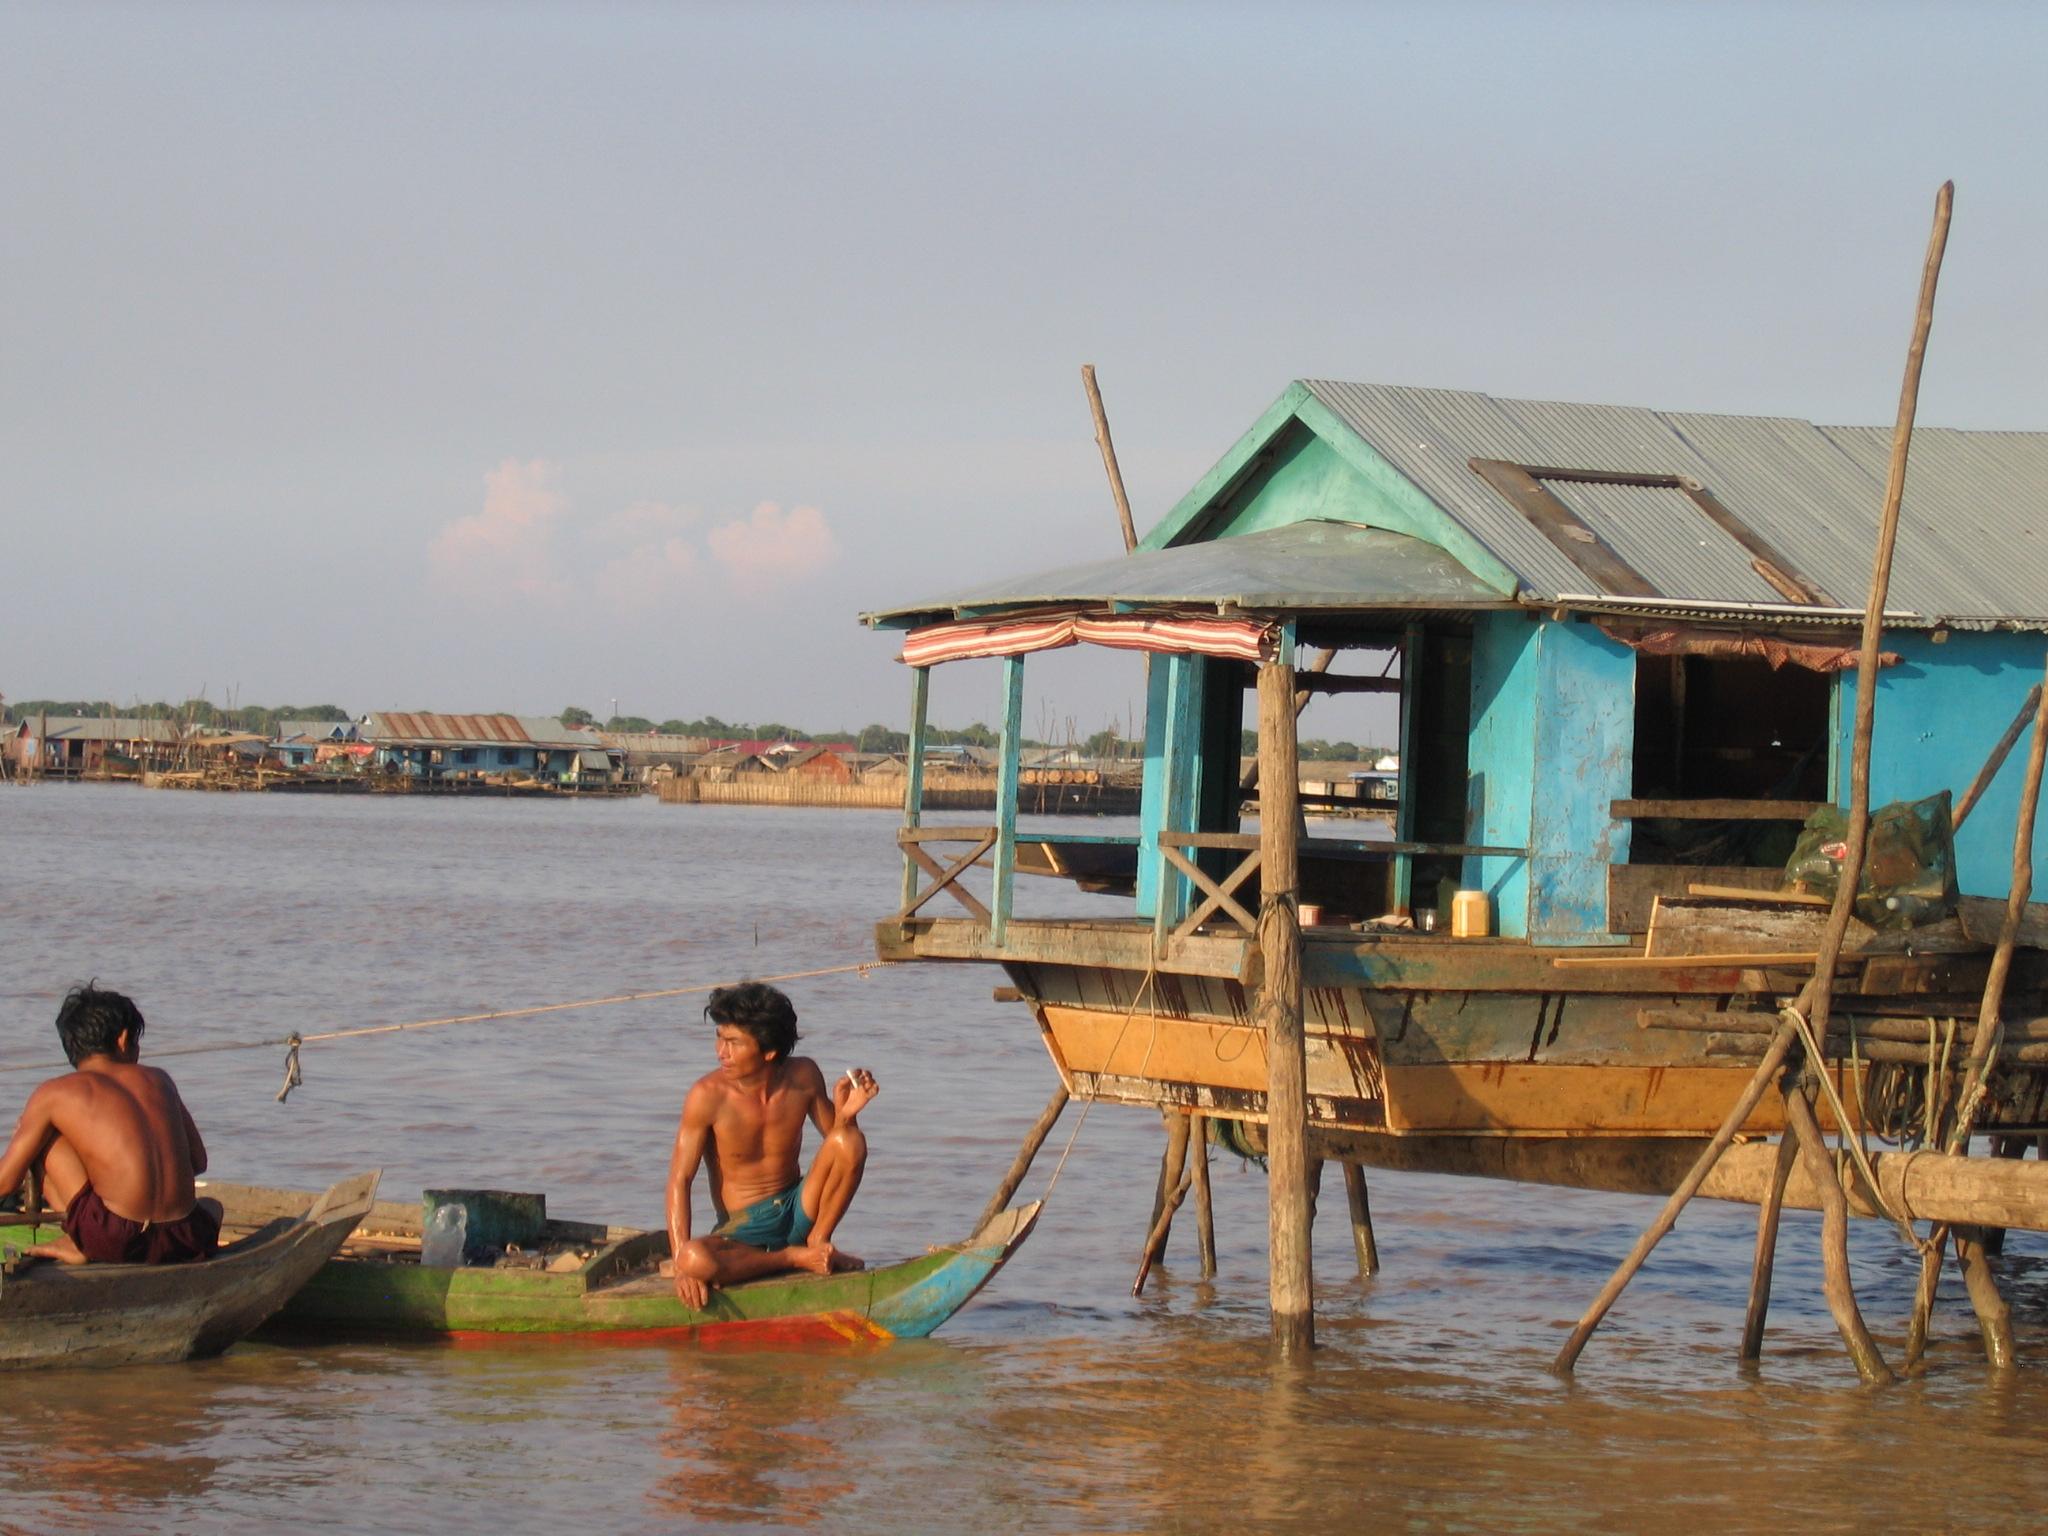 Kambodscha, Tonle Sap - Schwimmende Dörfer